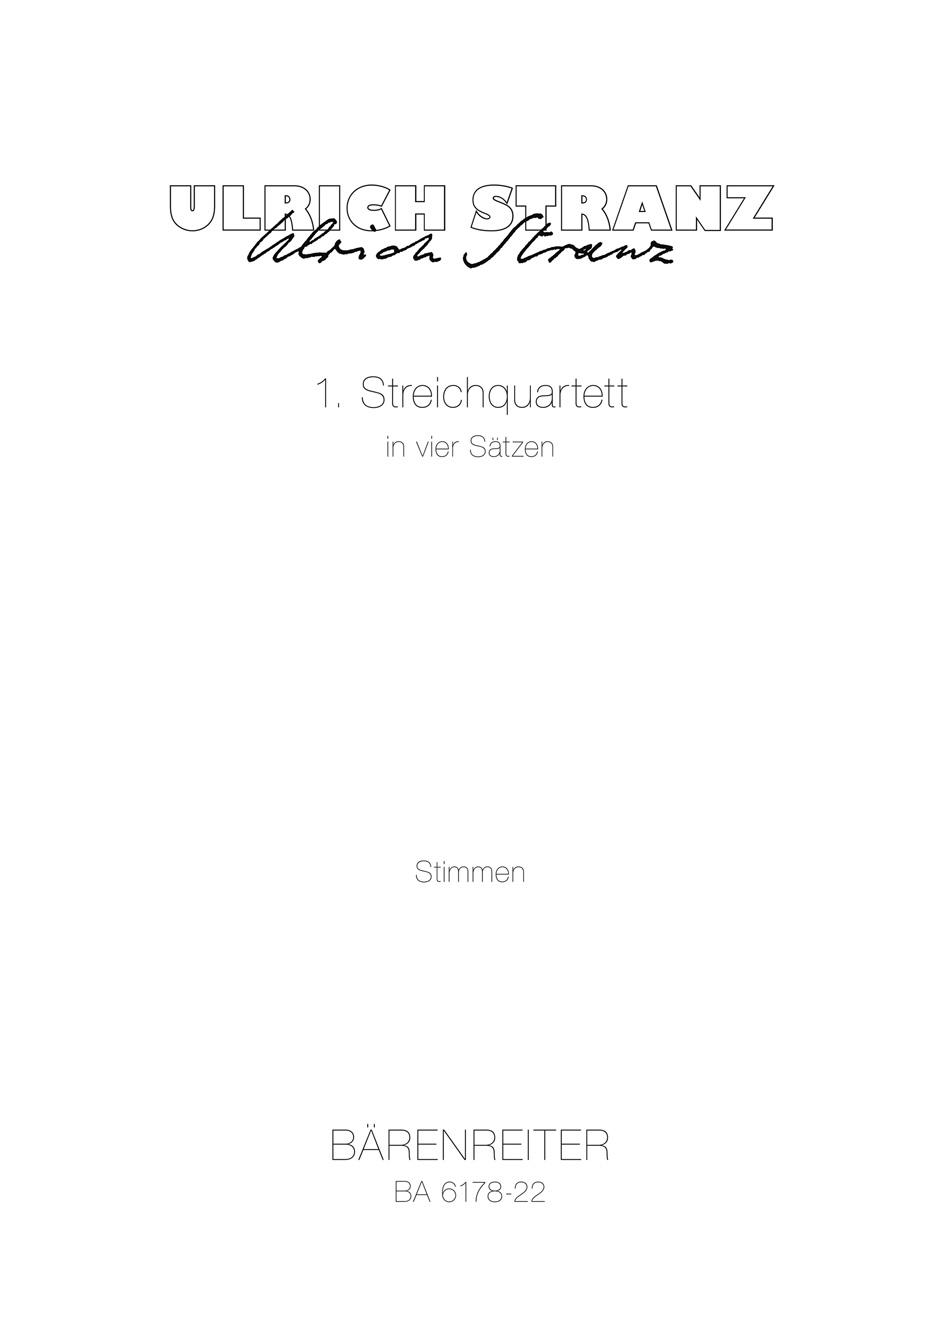 1. Streichquartett in vier Satzen